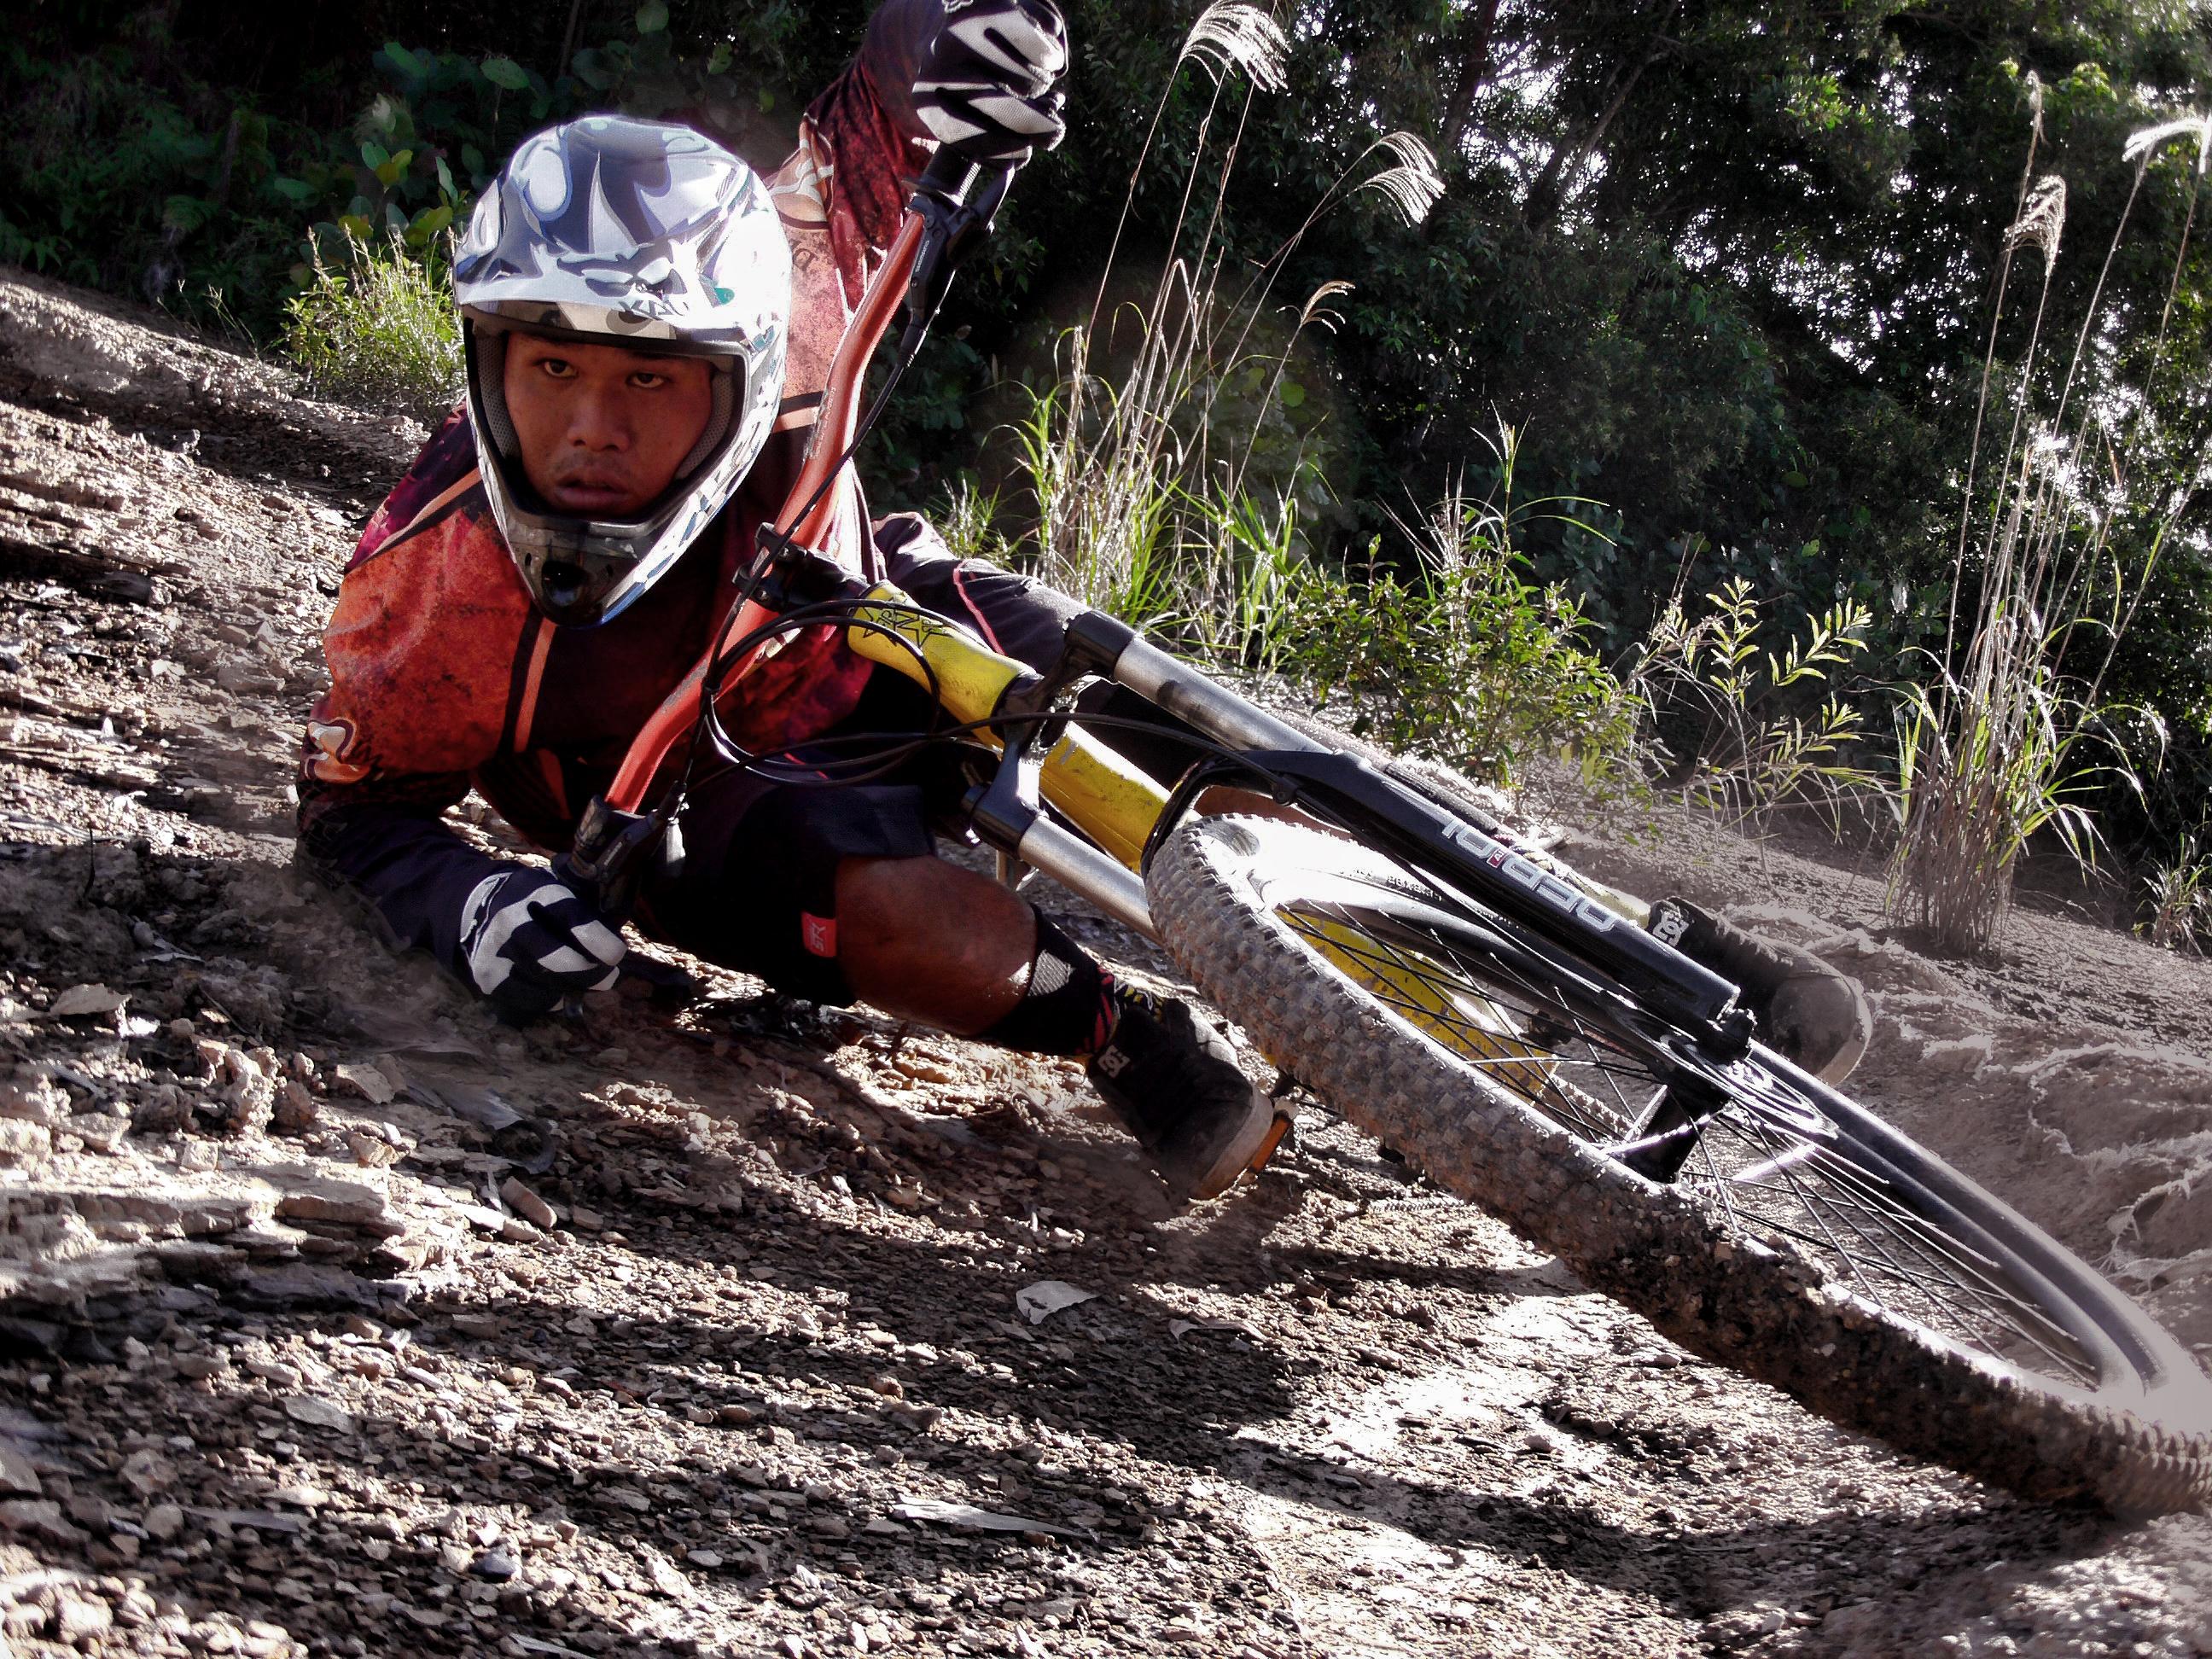 אופני הרים – אילו סוגים קיימים ואיך להחליט מה מתאים לכם?